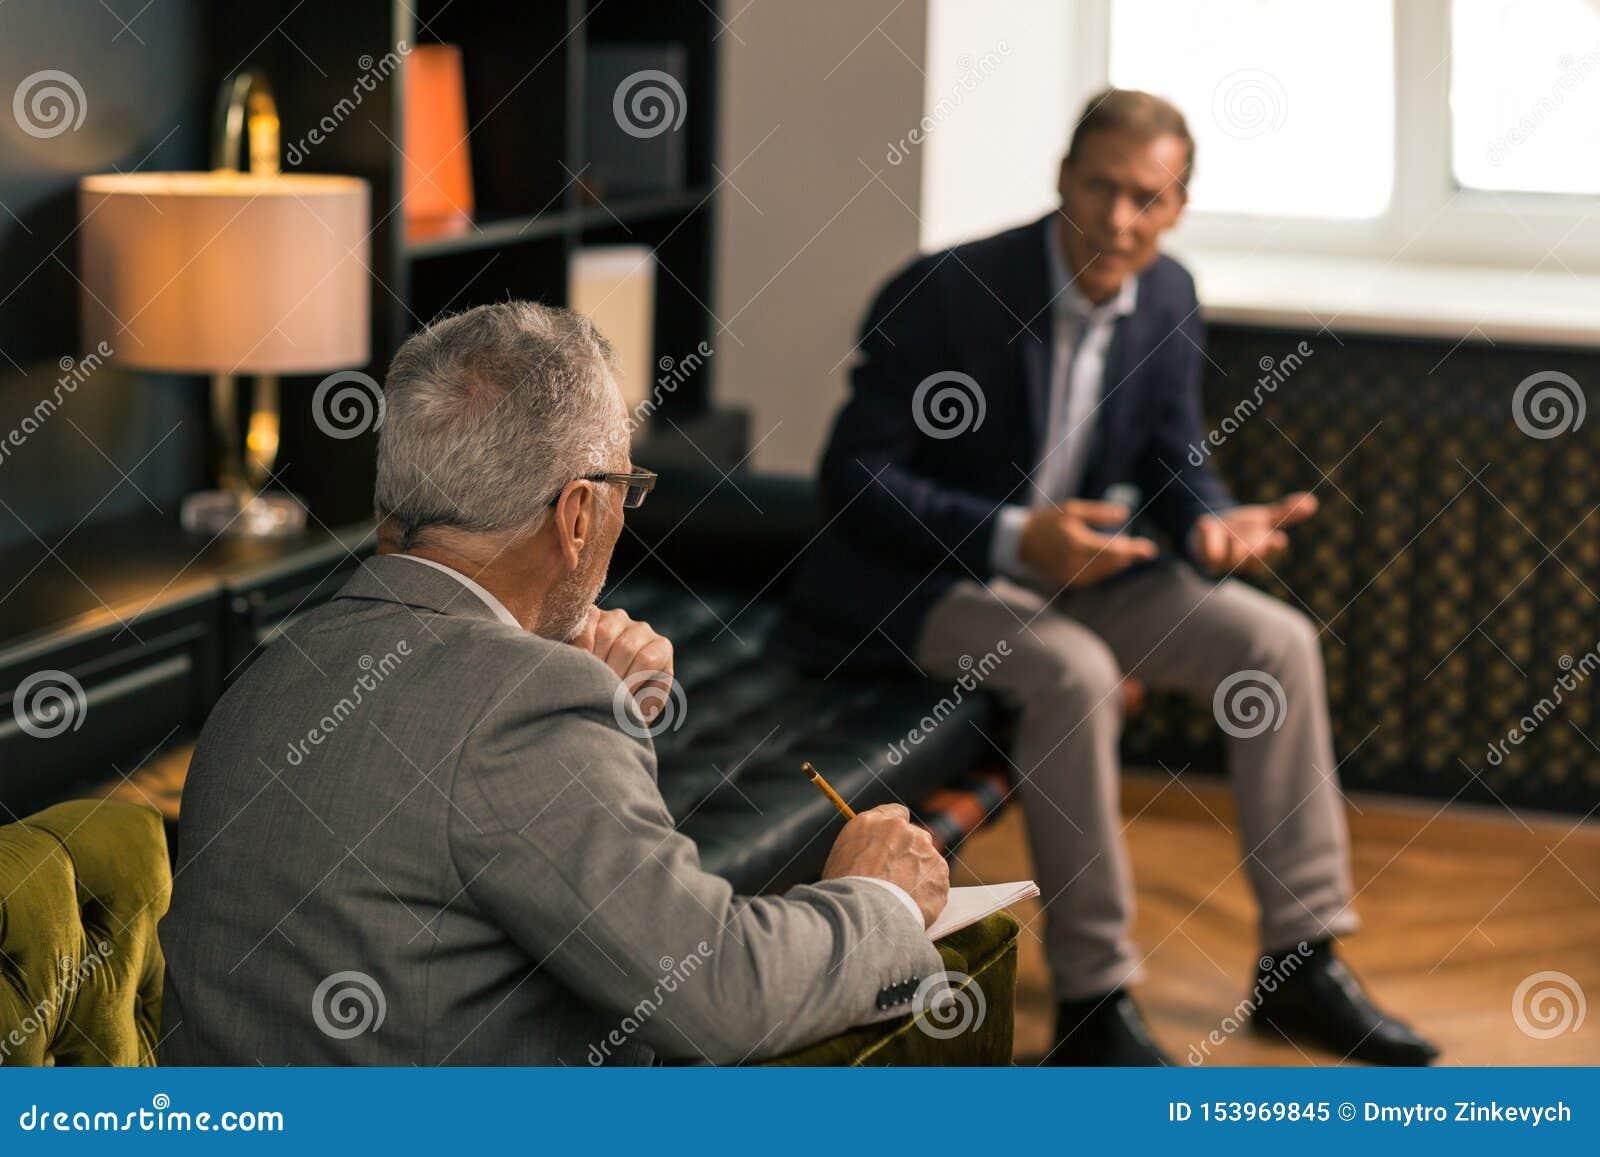 Psychothérapeute faisant des notes et écoutant un patient